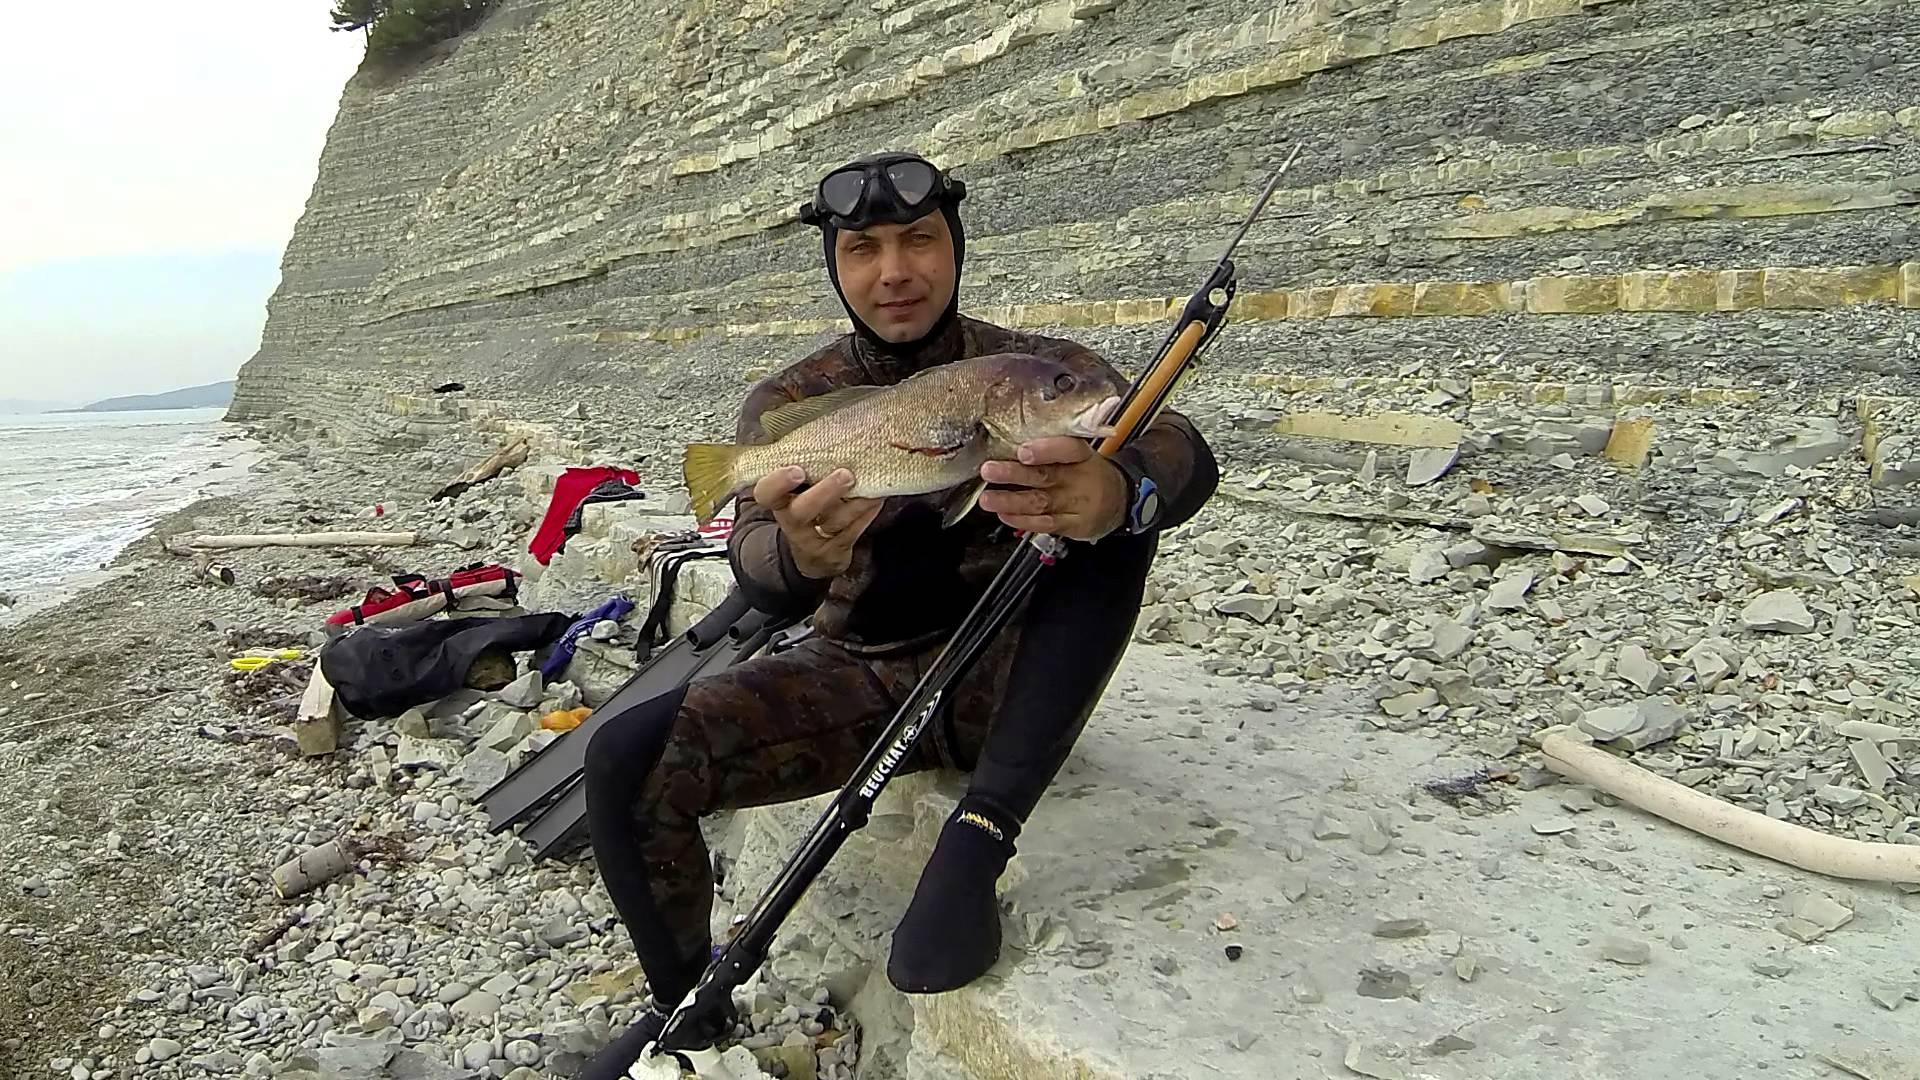 Парень в гидро костюме с рыбой в руках